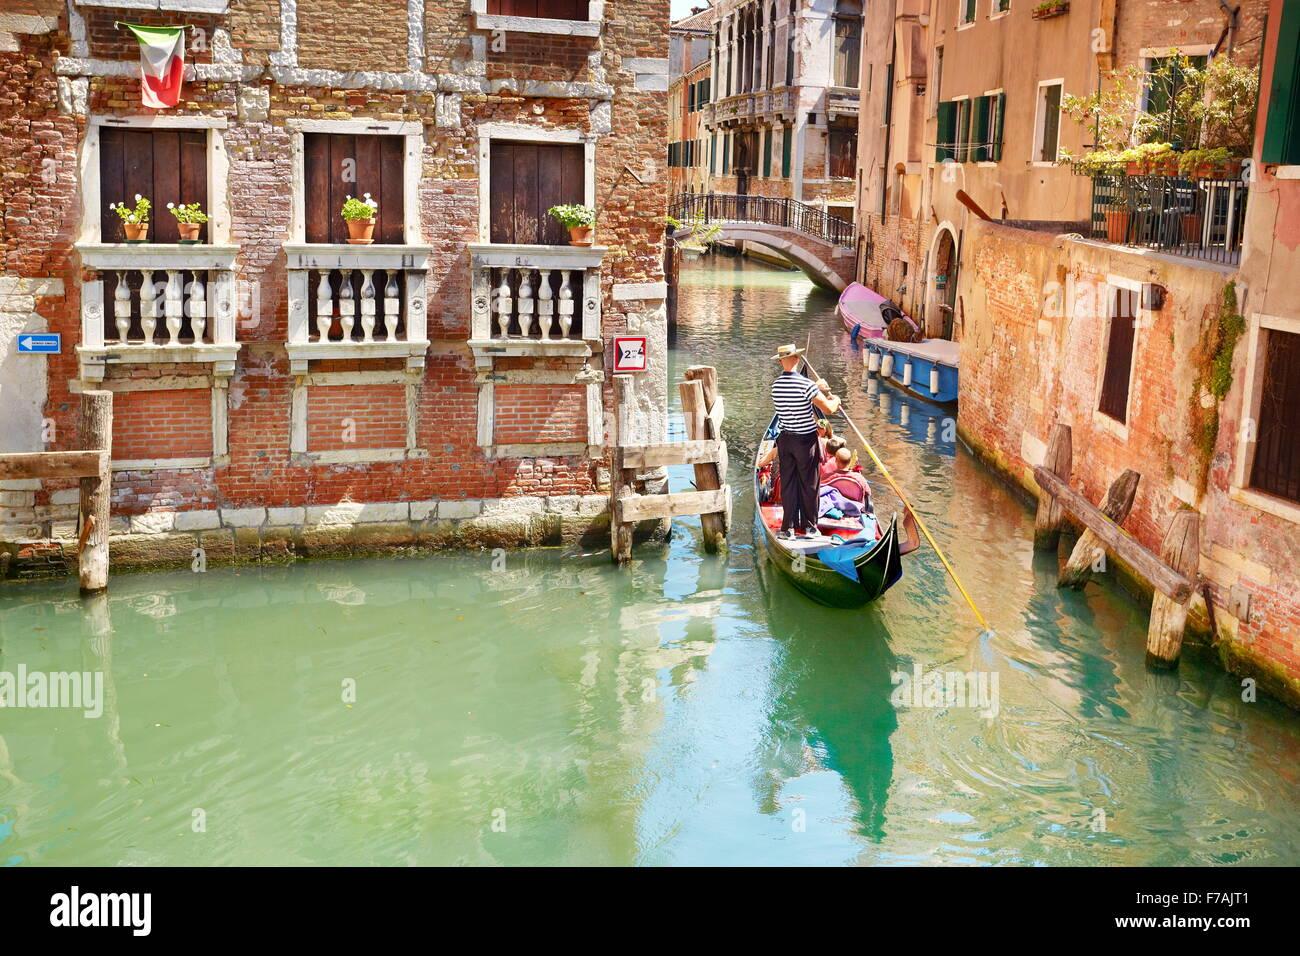 Les touristes en gondole explorer canal vénitien, Venise, Vénétie, Italie, l'UNESCO Photo Stock